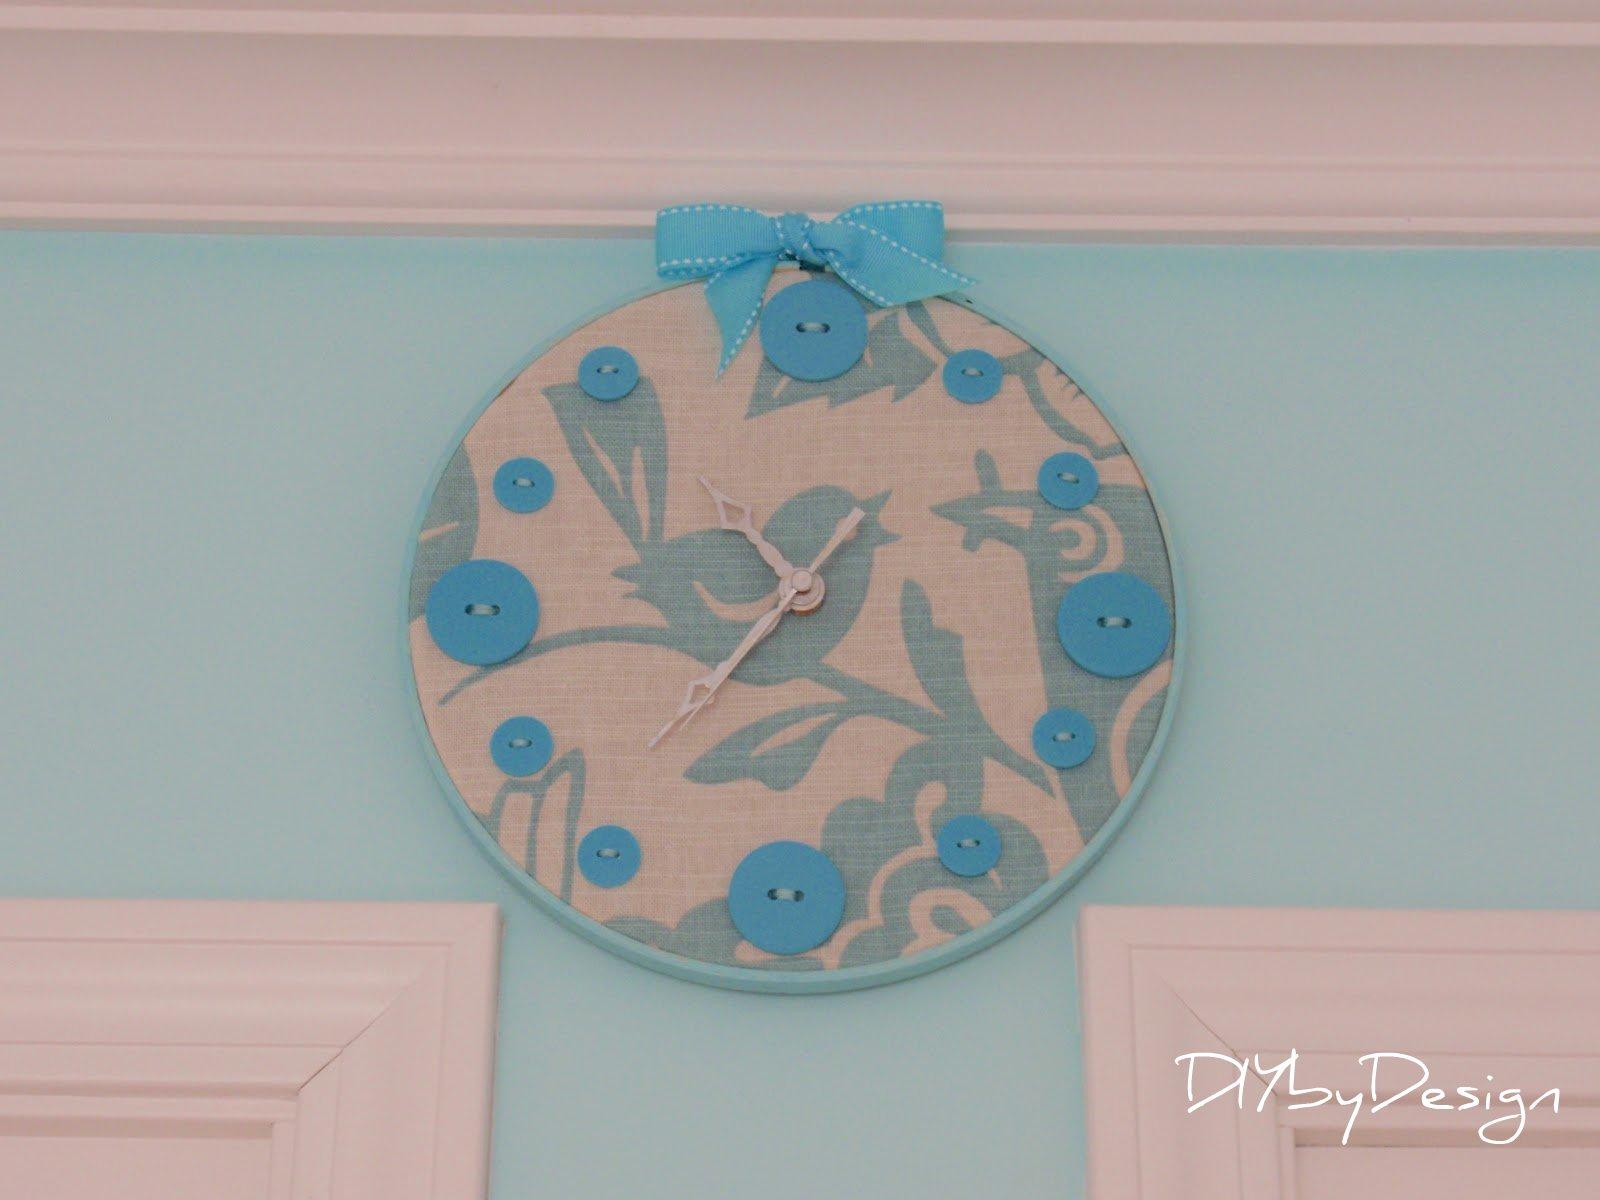 Diy by design embroidery hoop clock